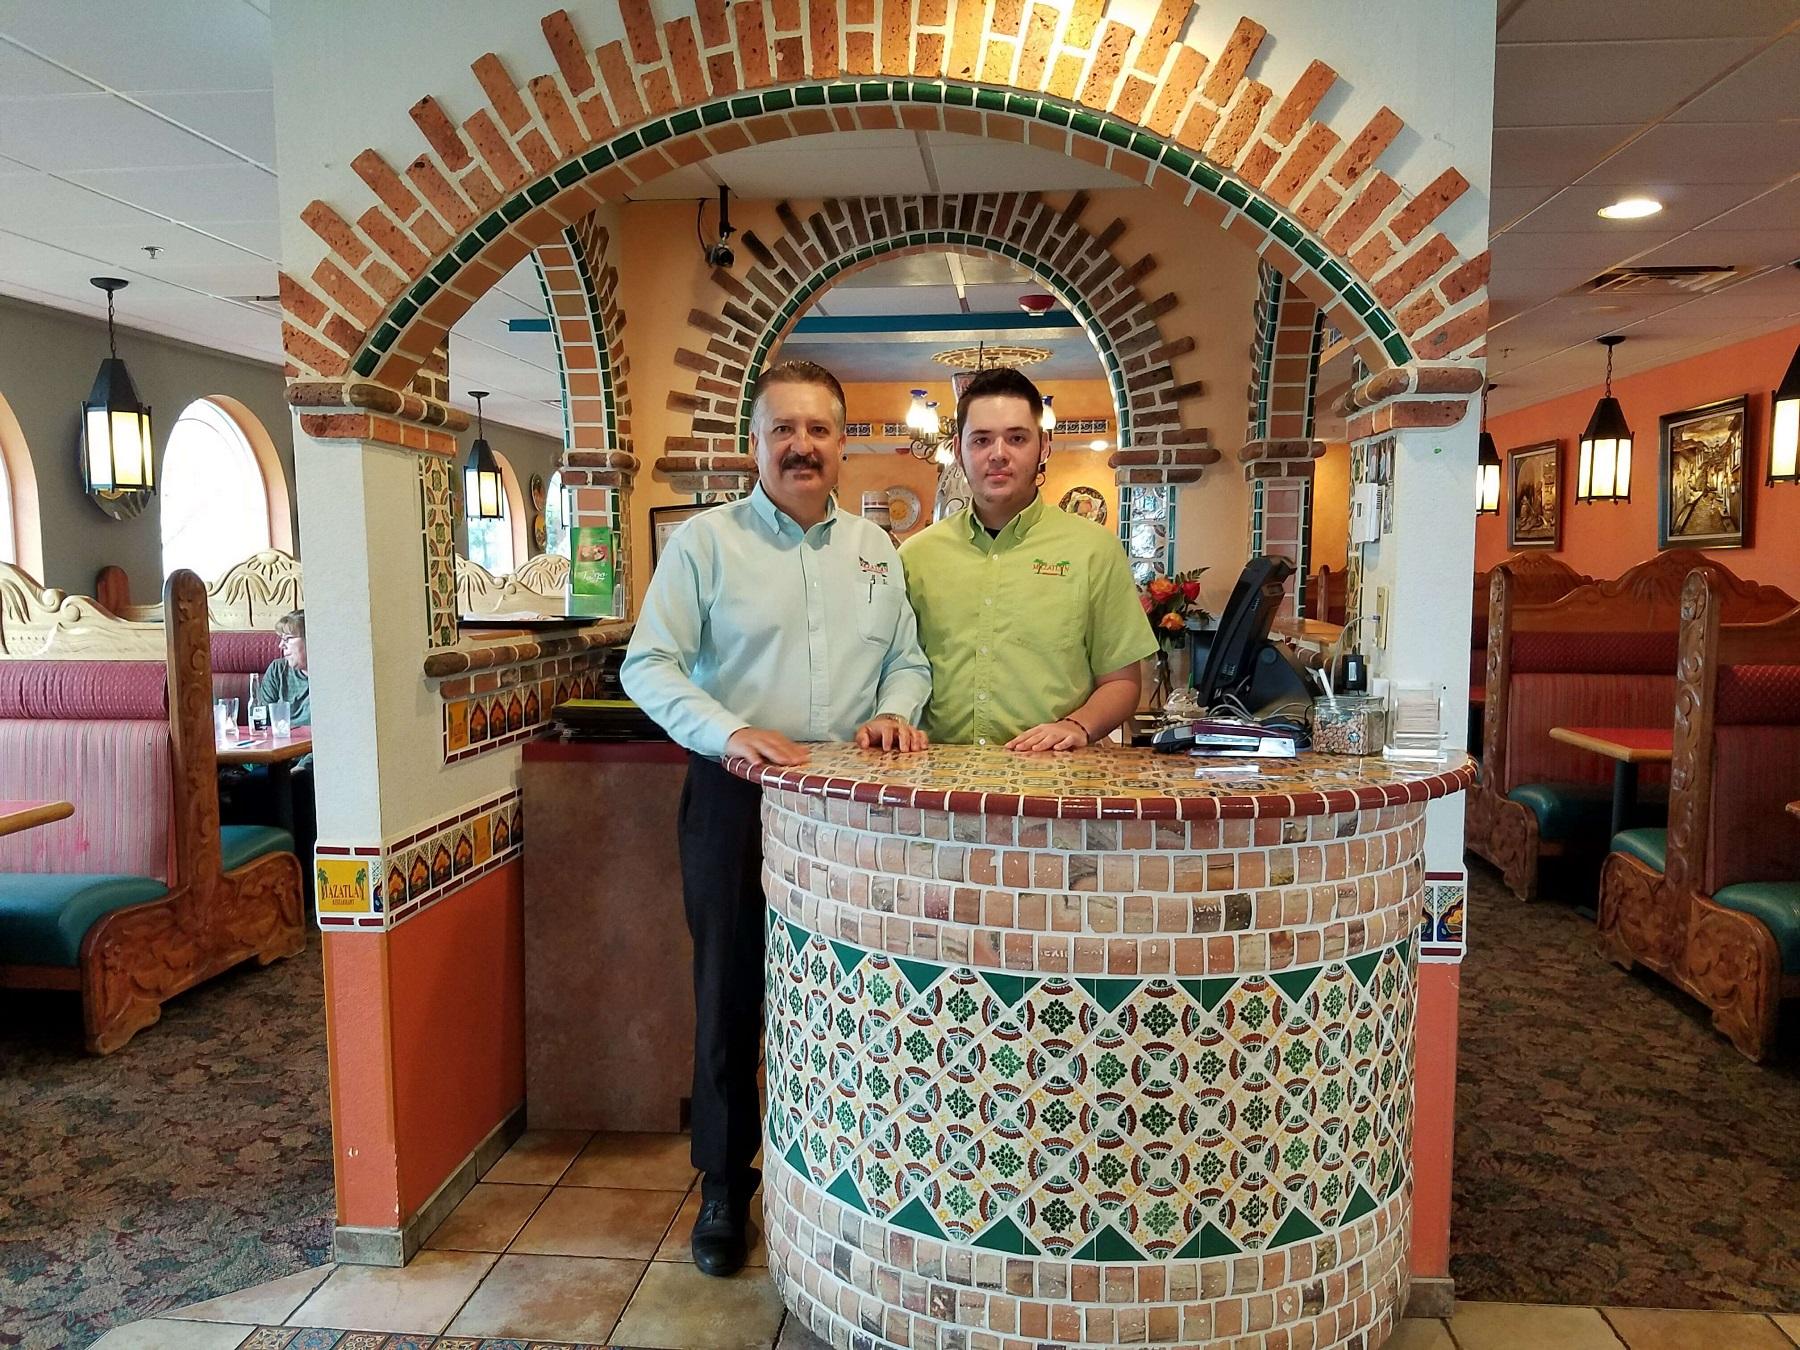 Mazatlan Mexican Family Restaurant Aberdeen Francisco Arceo and his son